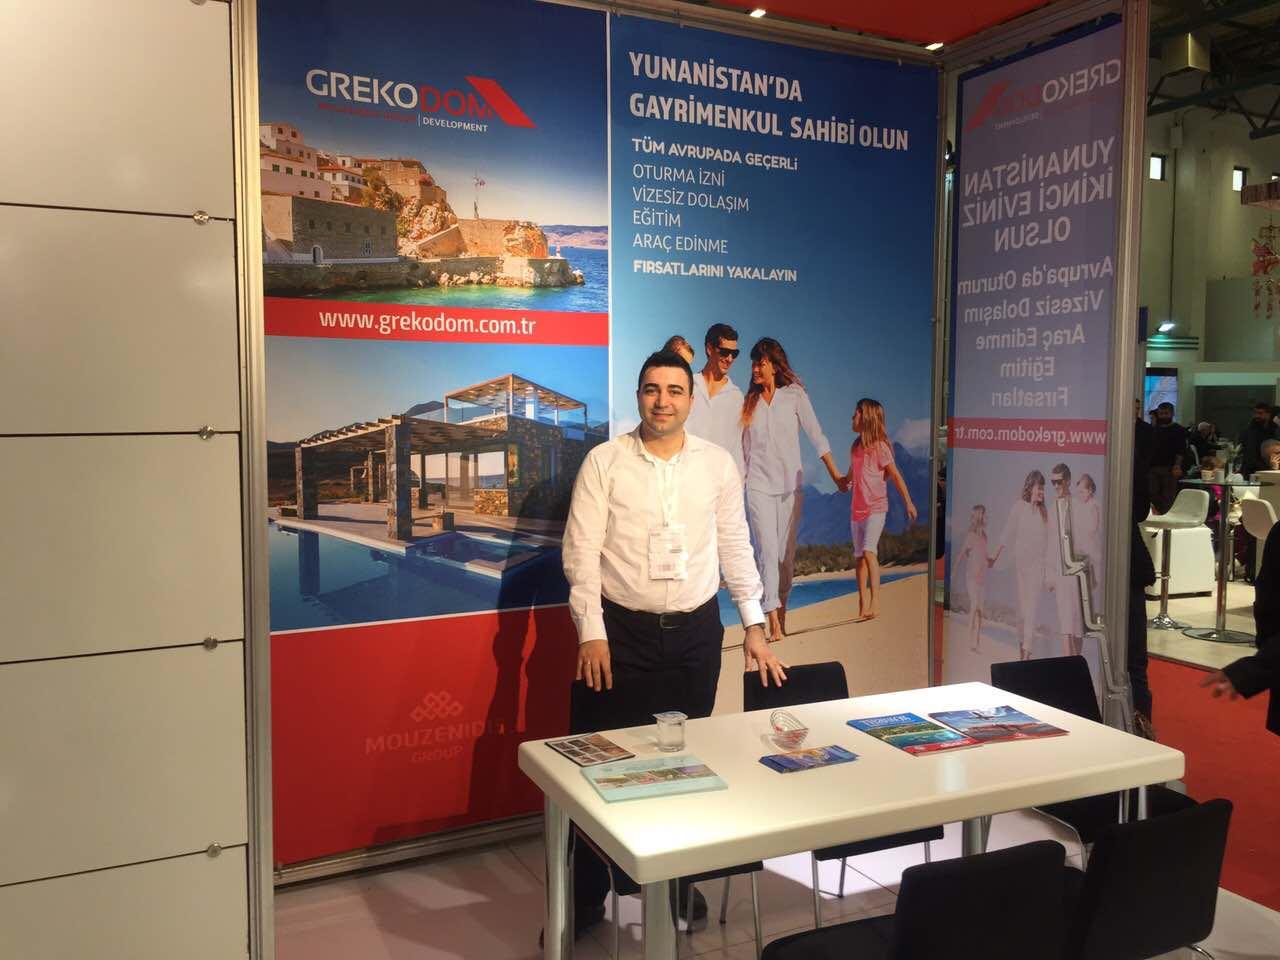 Компания Grekodom Development - участник выставки EMITT 2017, Стамбул, Турция